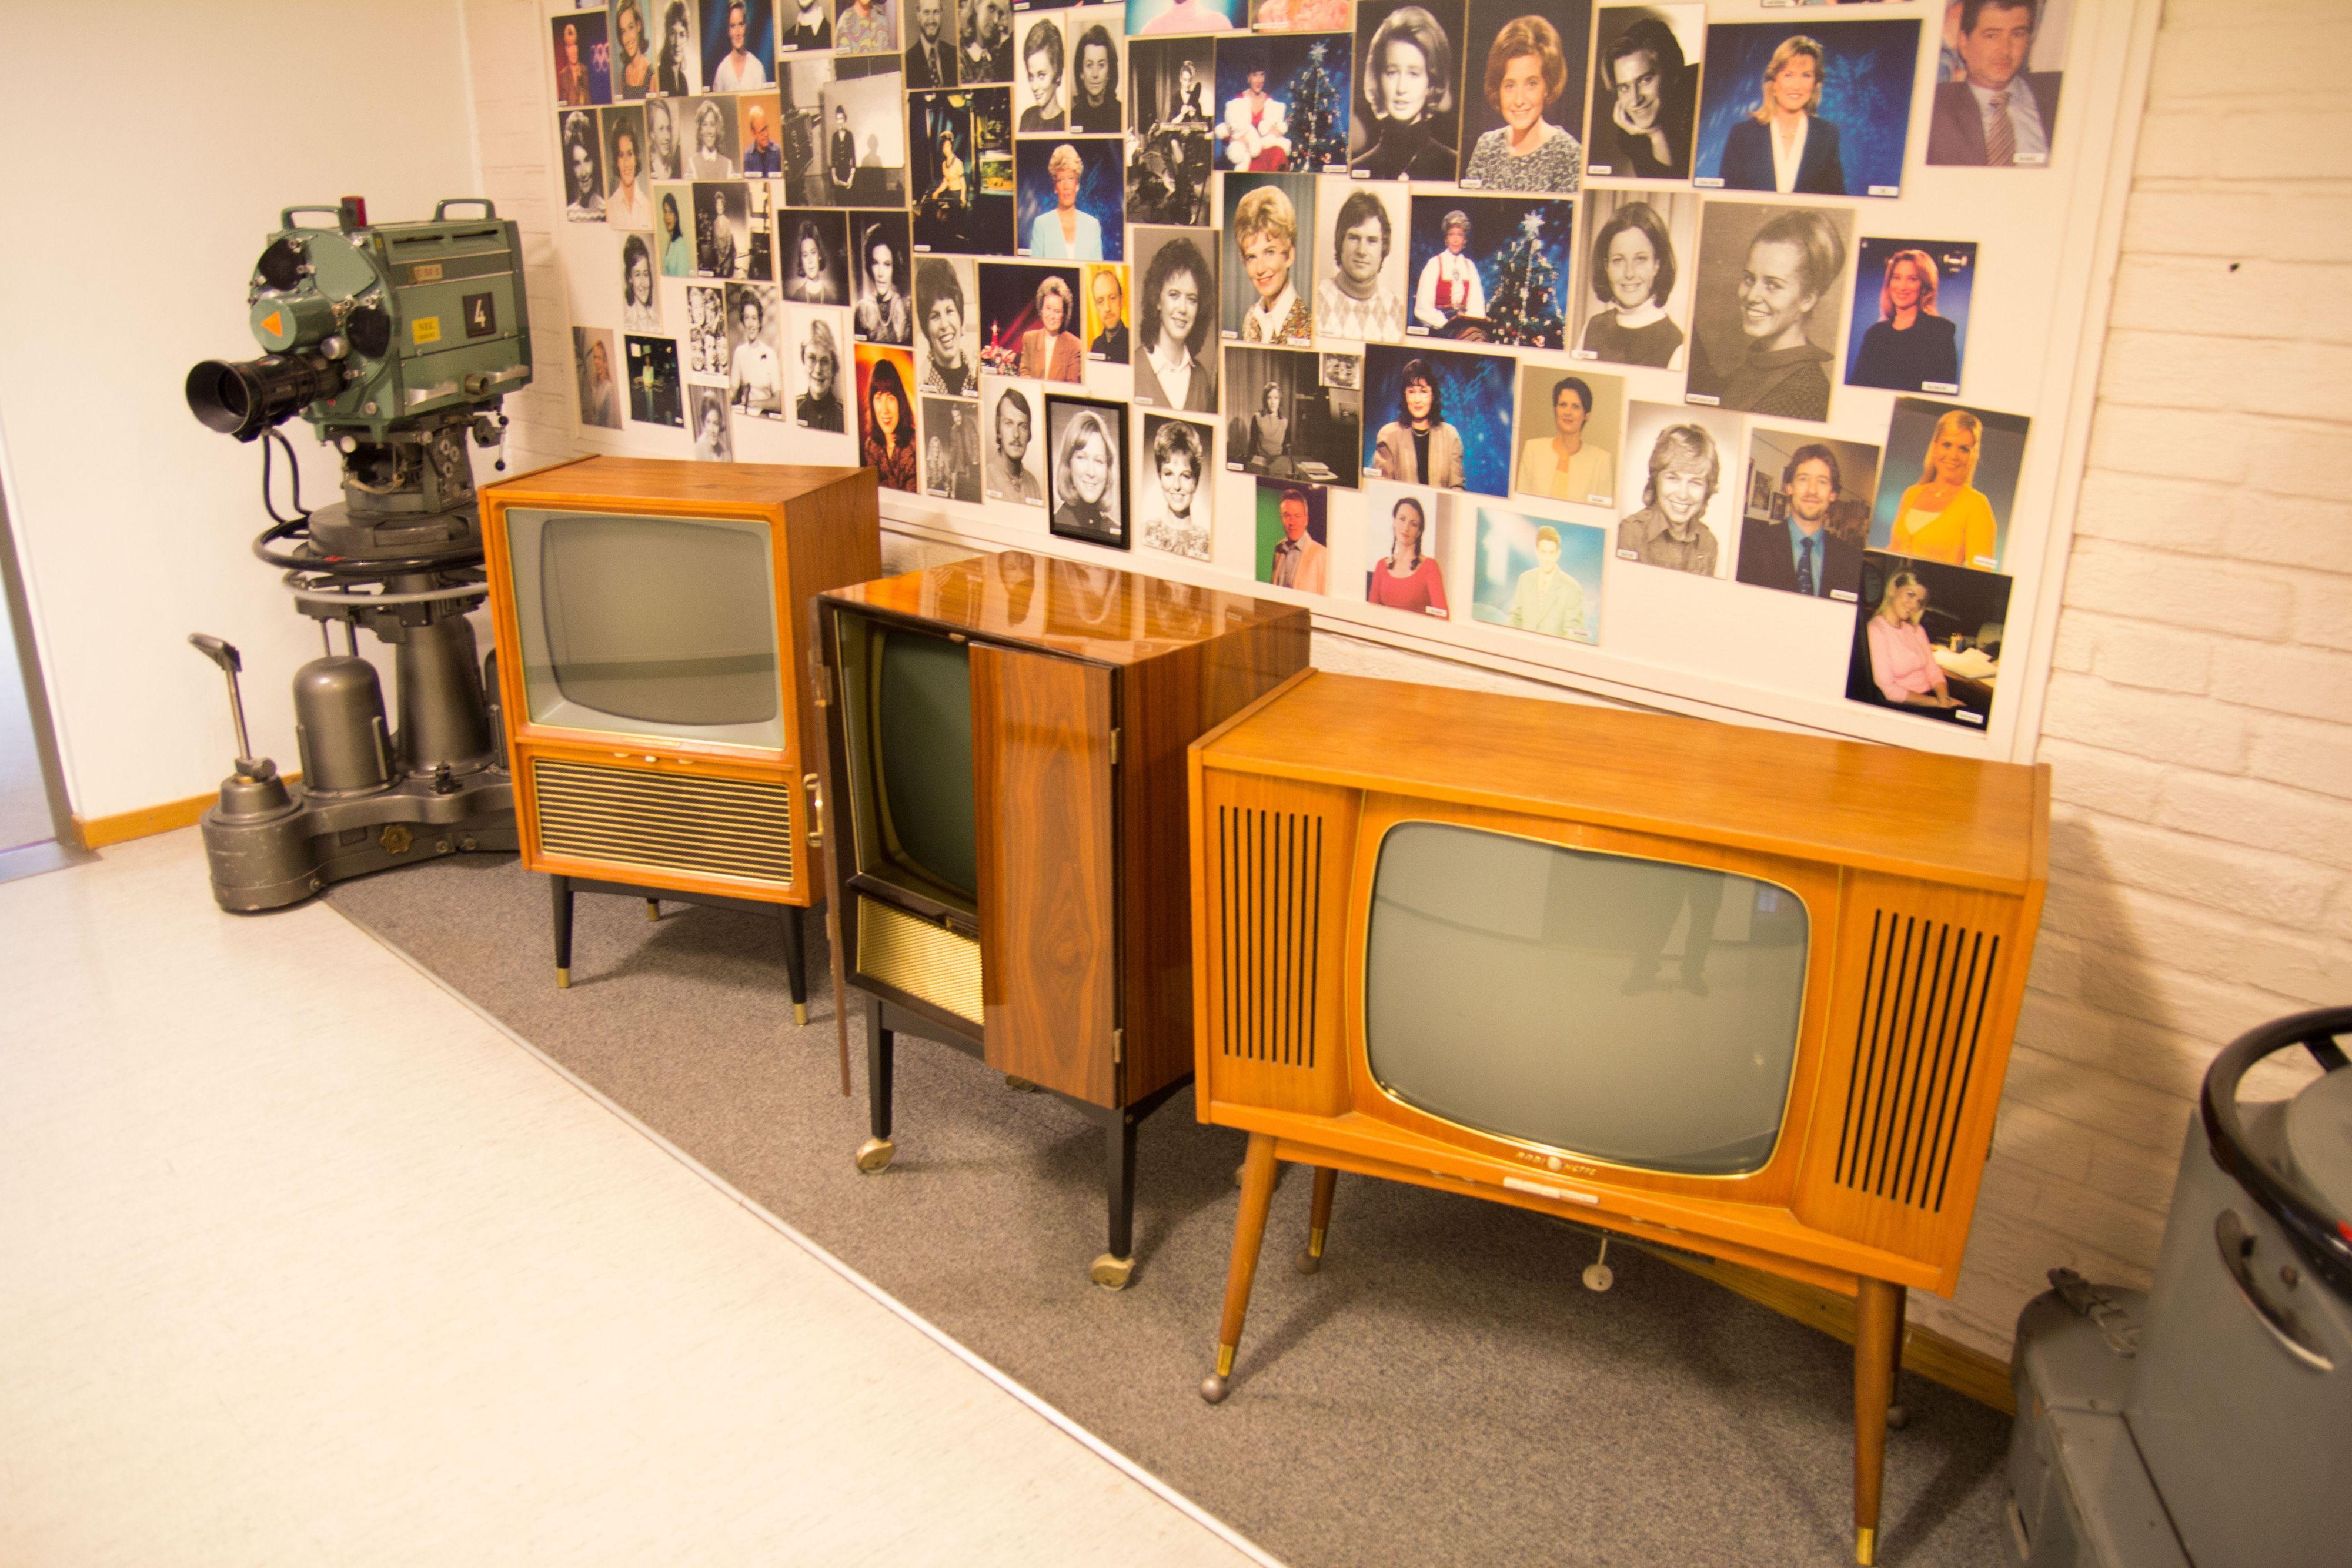 NRKs ganger inneholder mye historiske gjenstander.Foto: Ole Henrik Johansen / Hardware.no